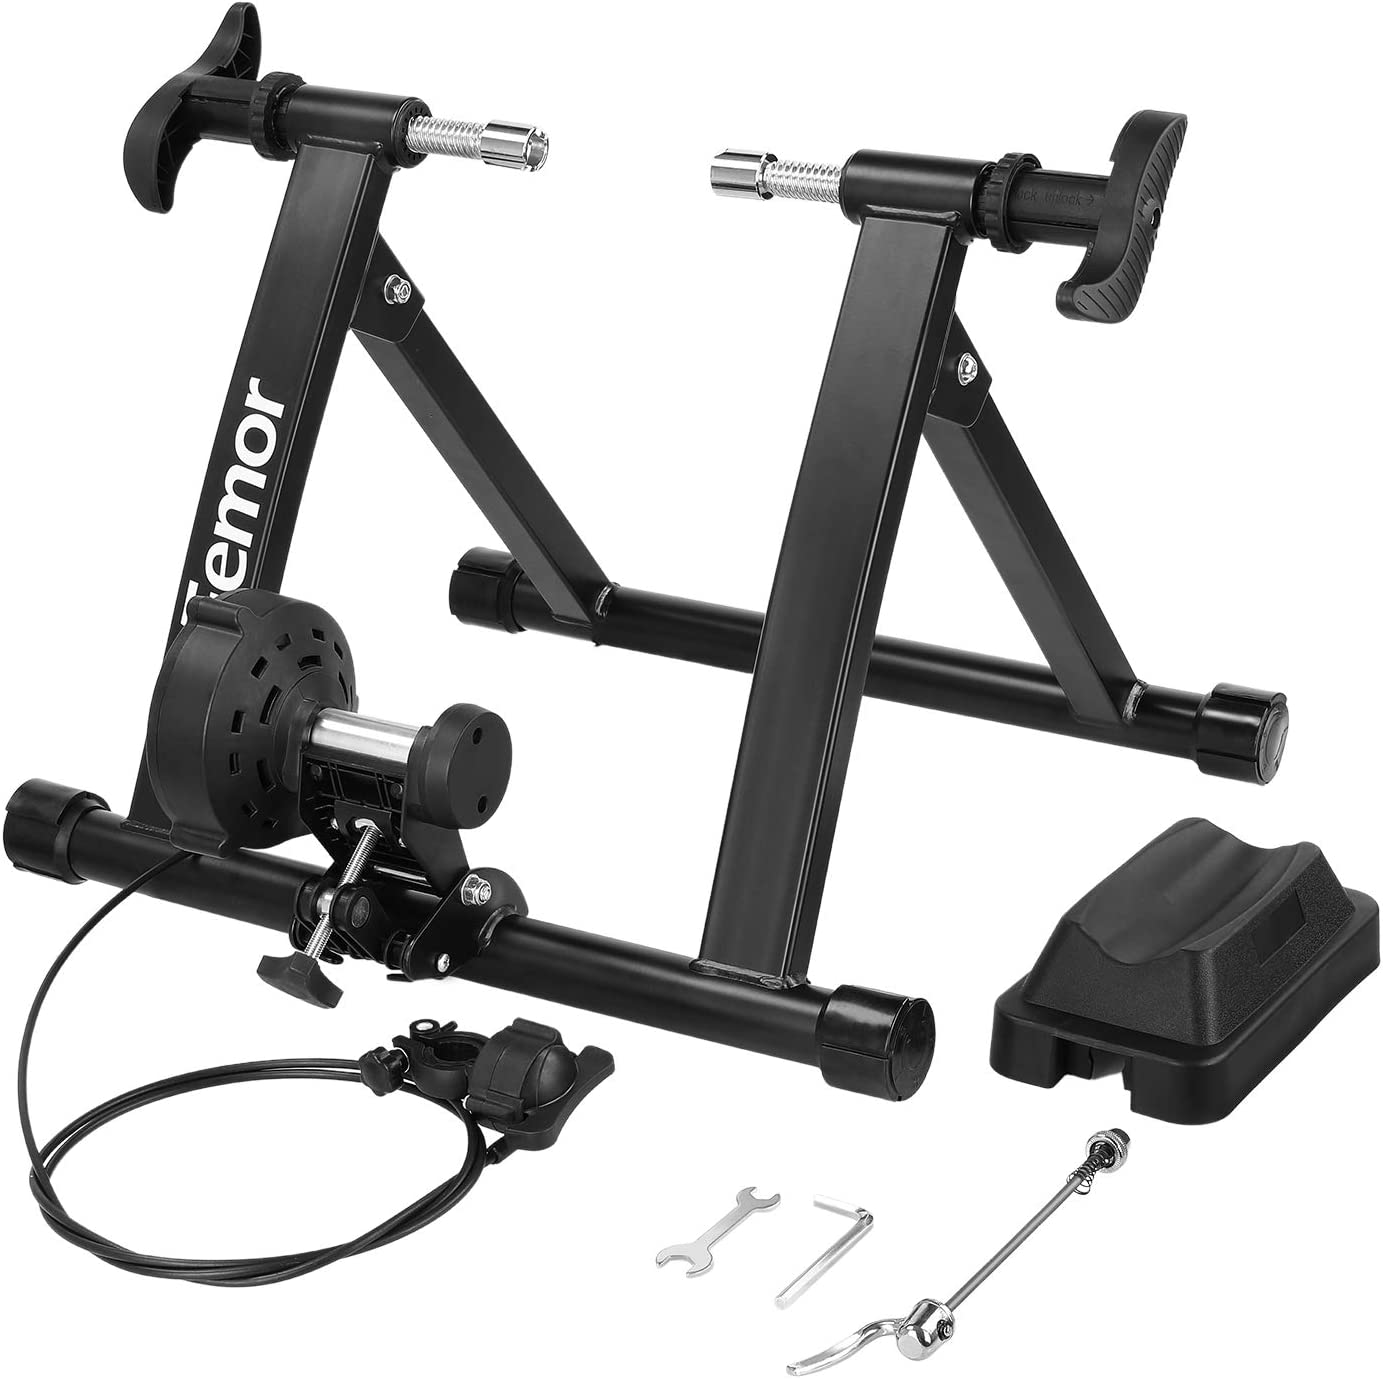 Femor Rodillo Bicicleta, Rodillo Ciclismo Plegable, Rodillo Magnetico de Acero,Ejercicio Ciclismo con 8 Niveles de Resistensia,Carga hasta 150KG,para Entrenamiento Ciclismo en Casa